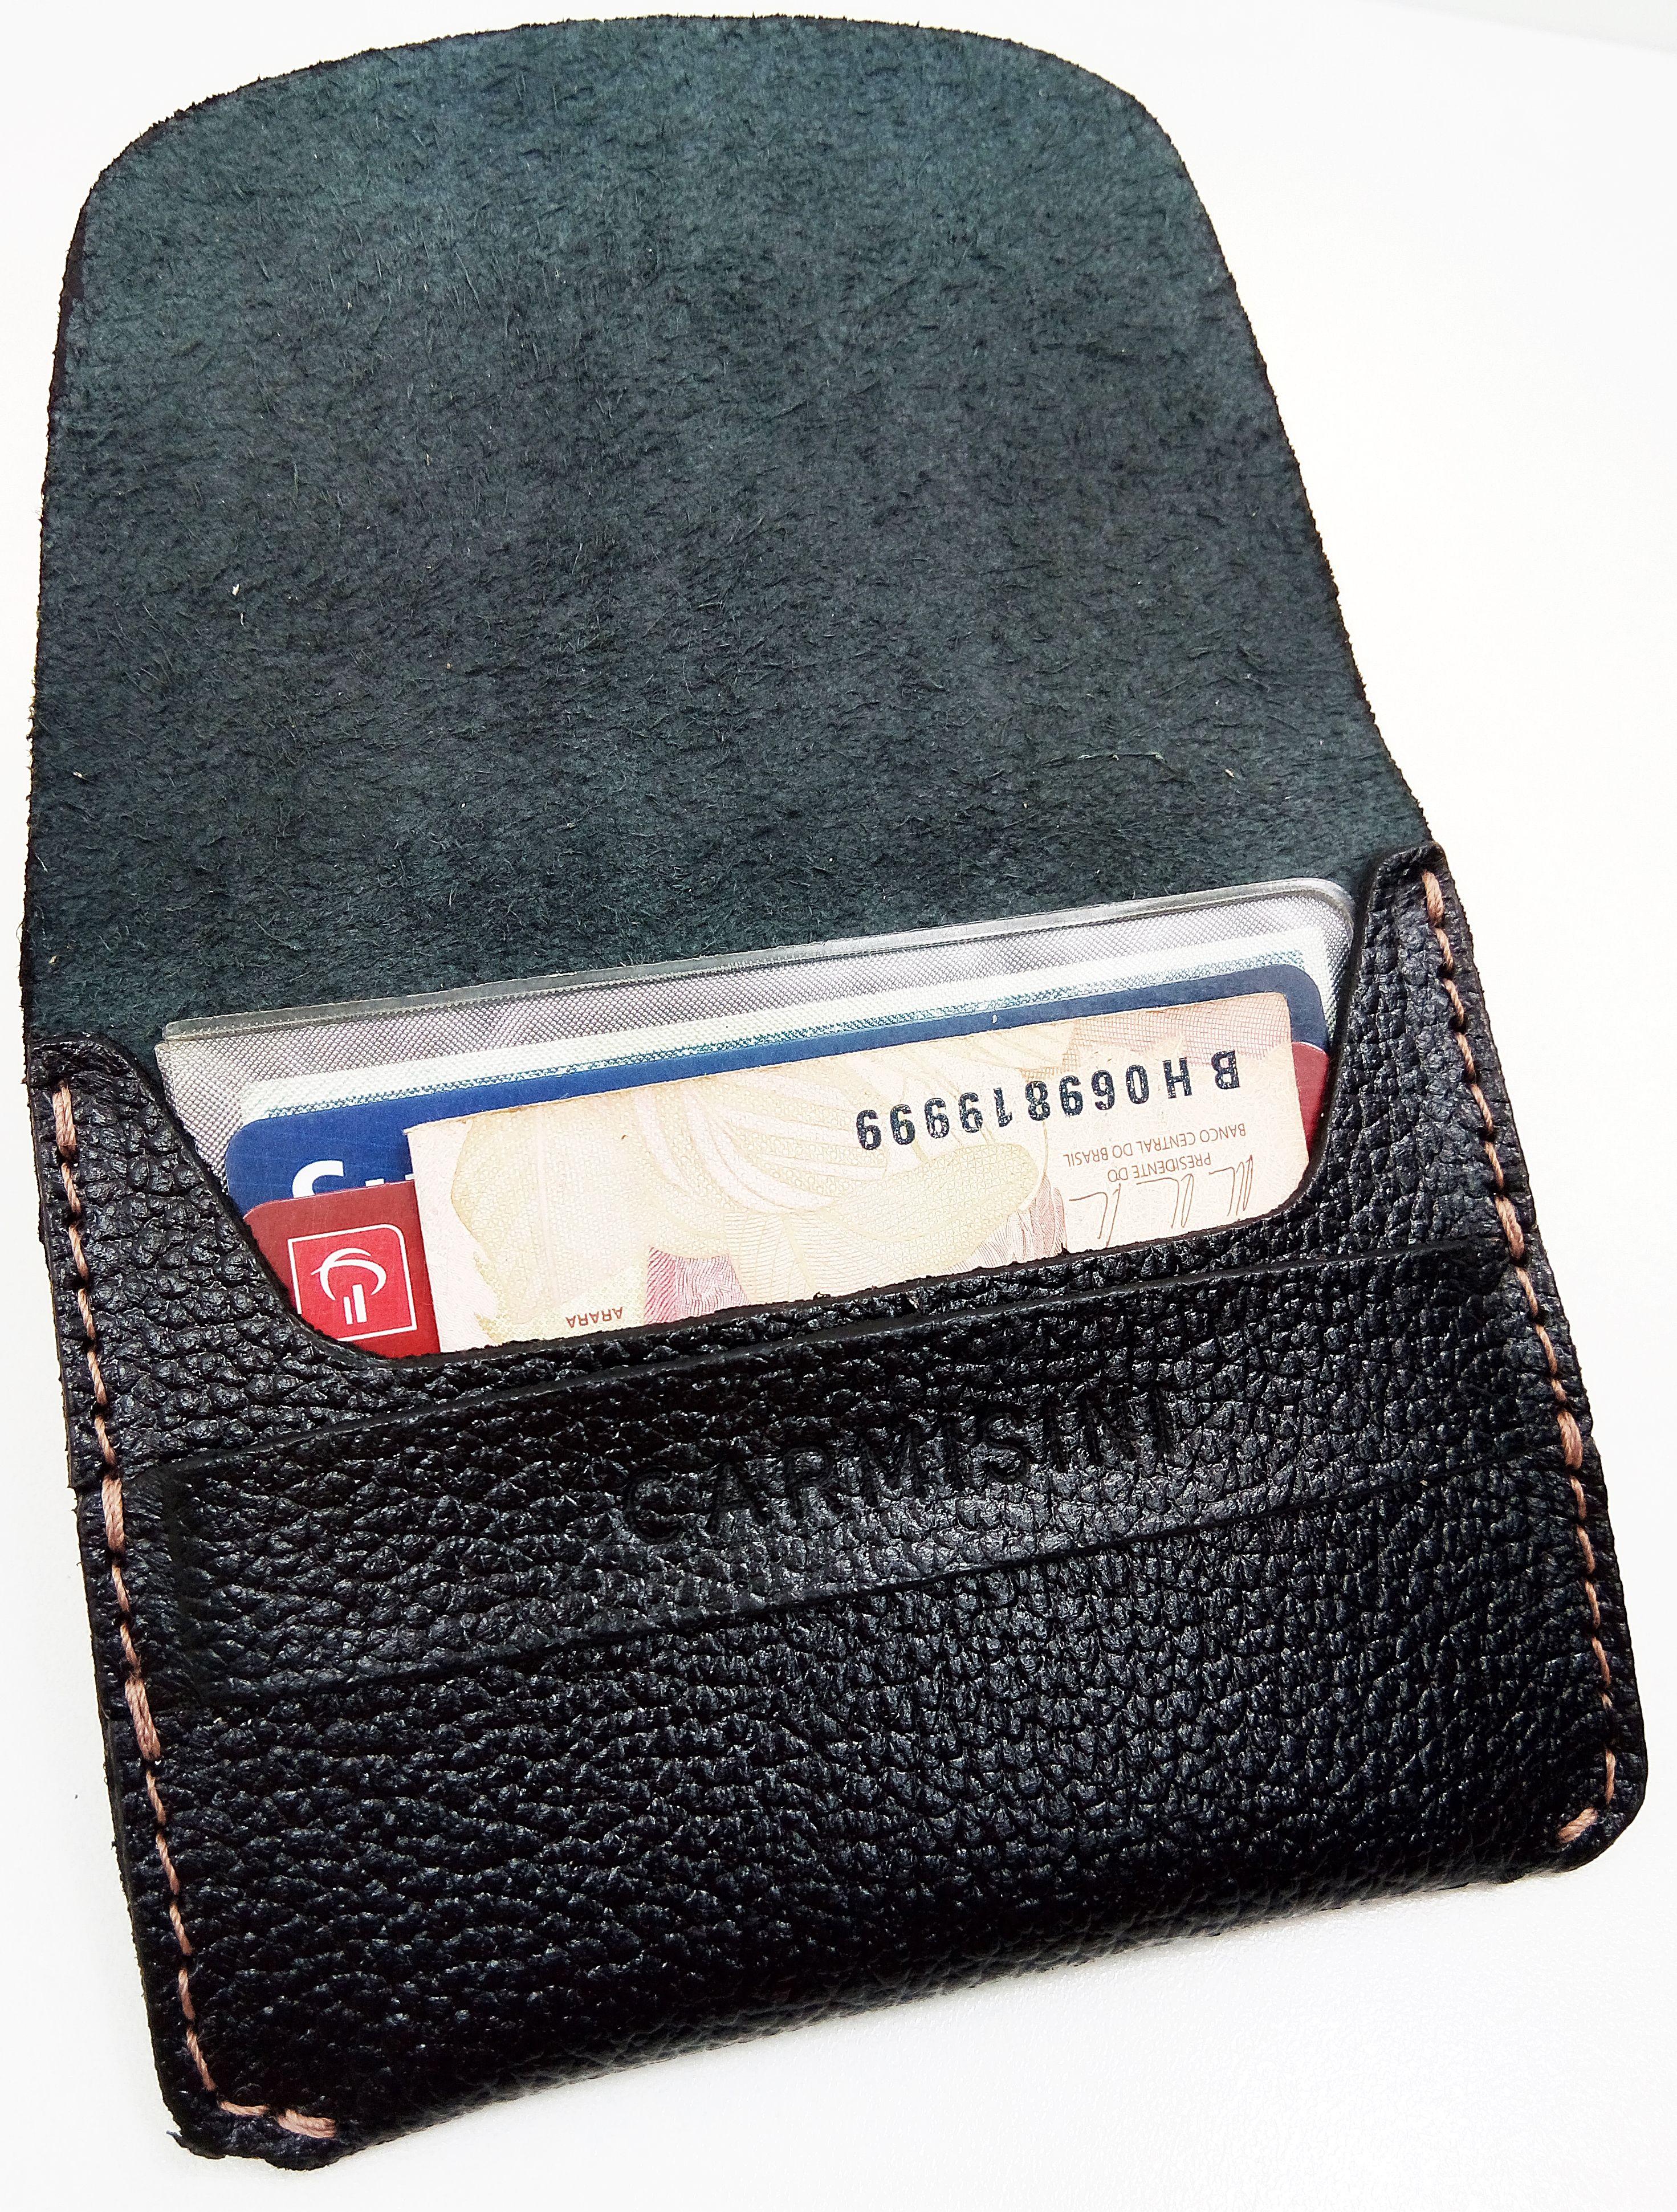 0d672b88d Carteiras slim   Carteira Masculina   Carteira Pequena   Porta Cartão   Porta  Cartões  Carteira